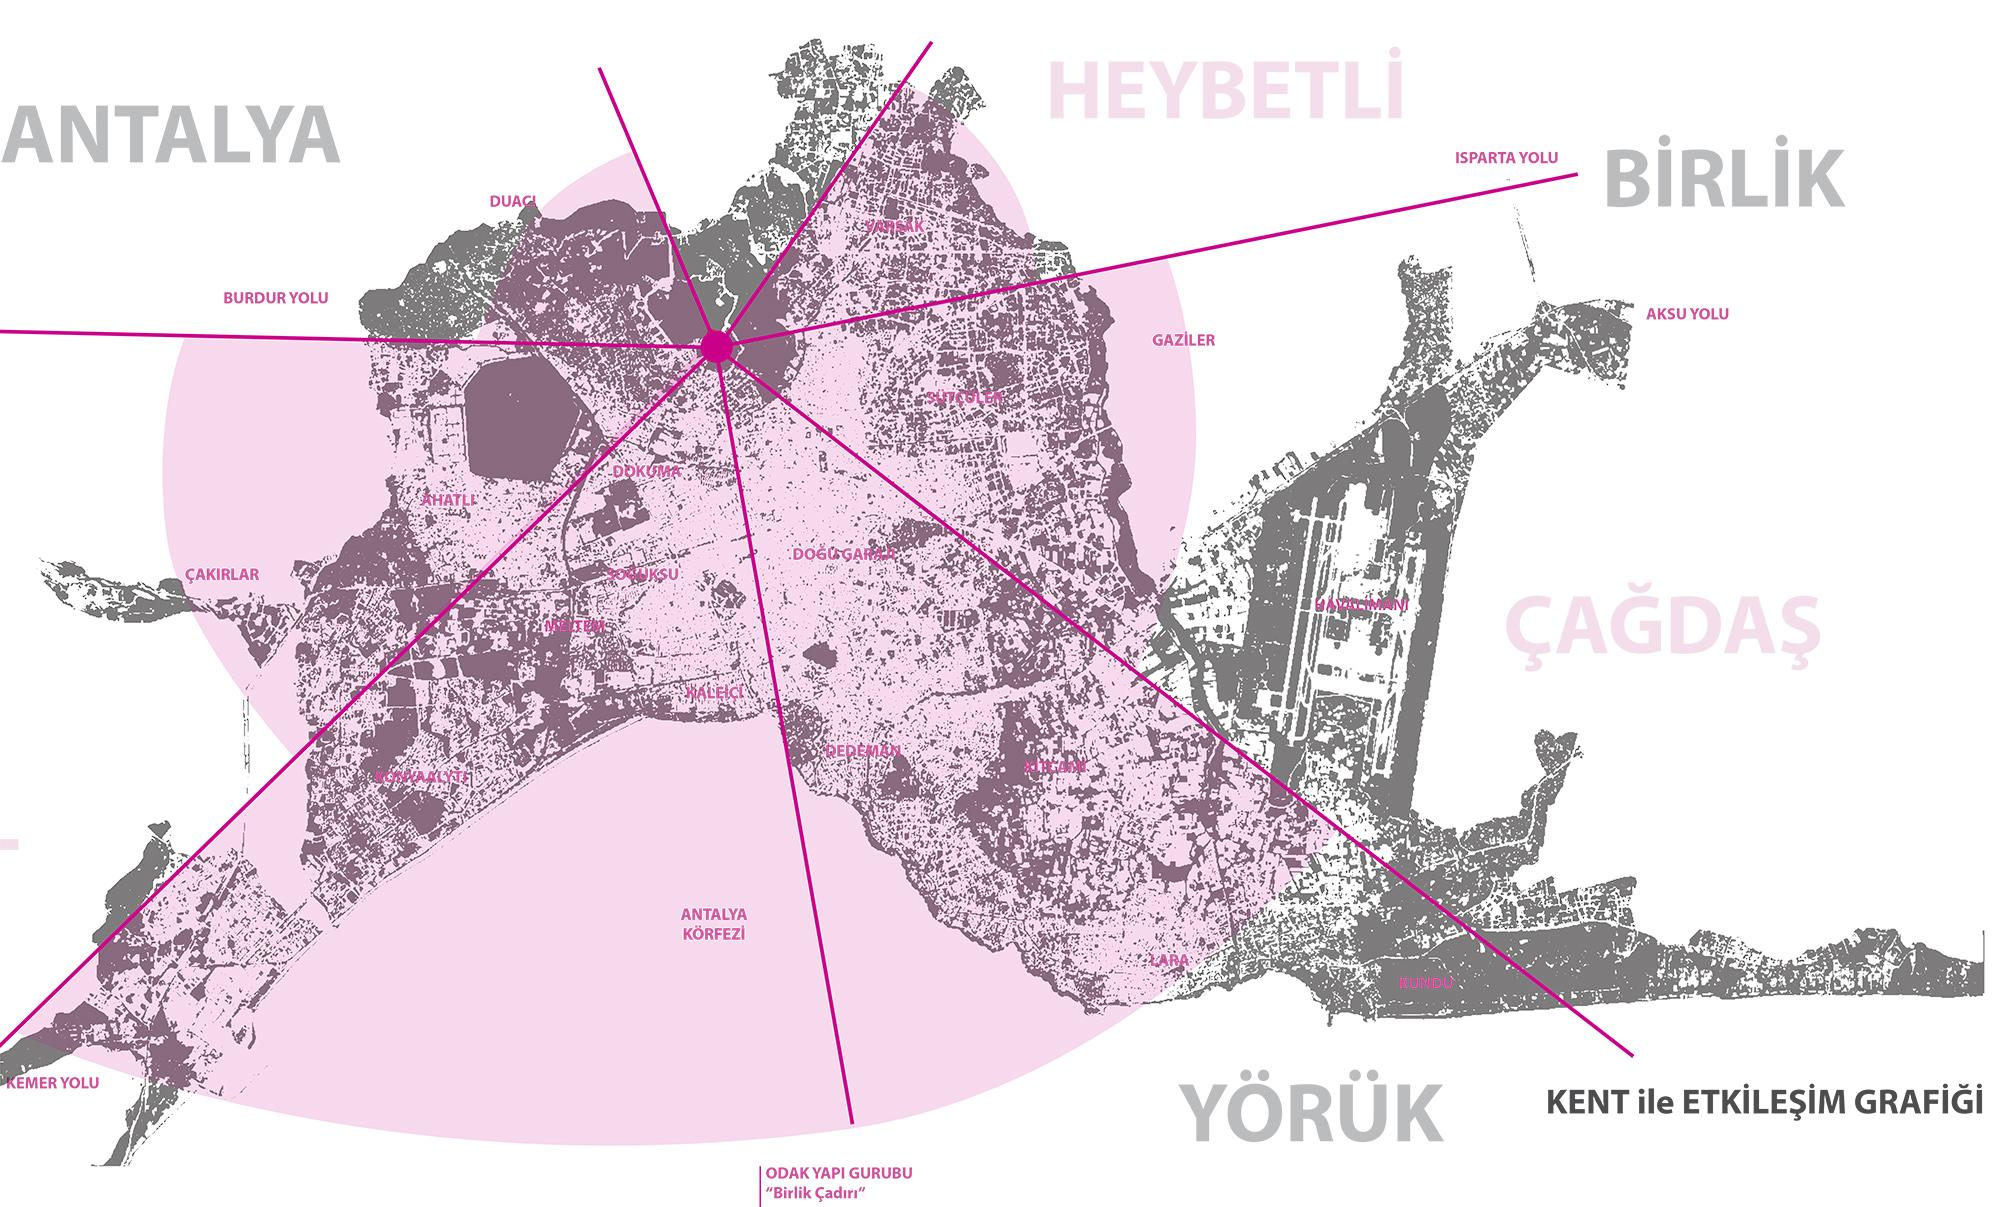 3 kent ile etkileşim grafiği